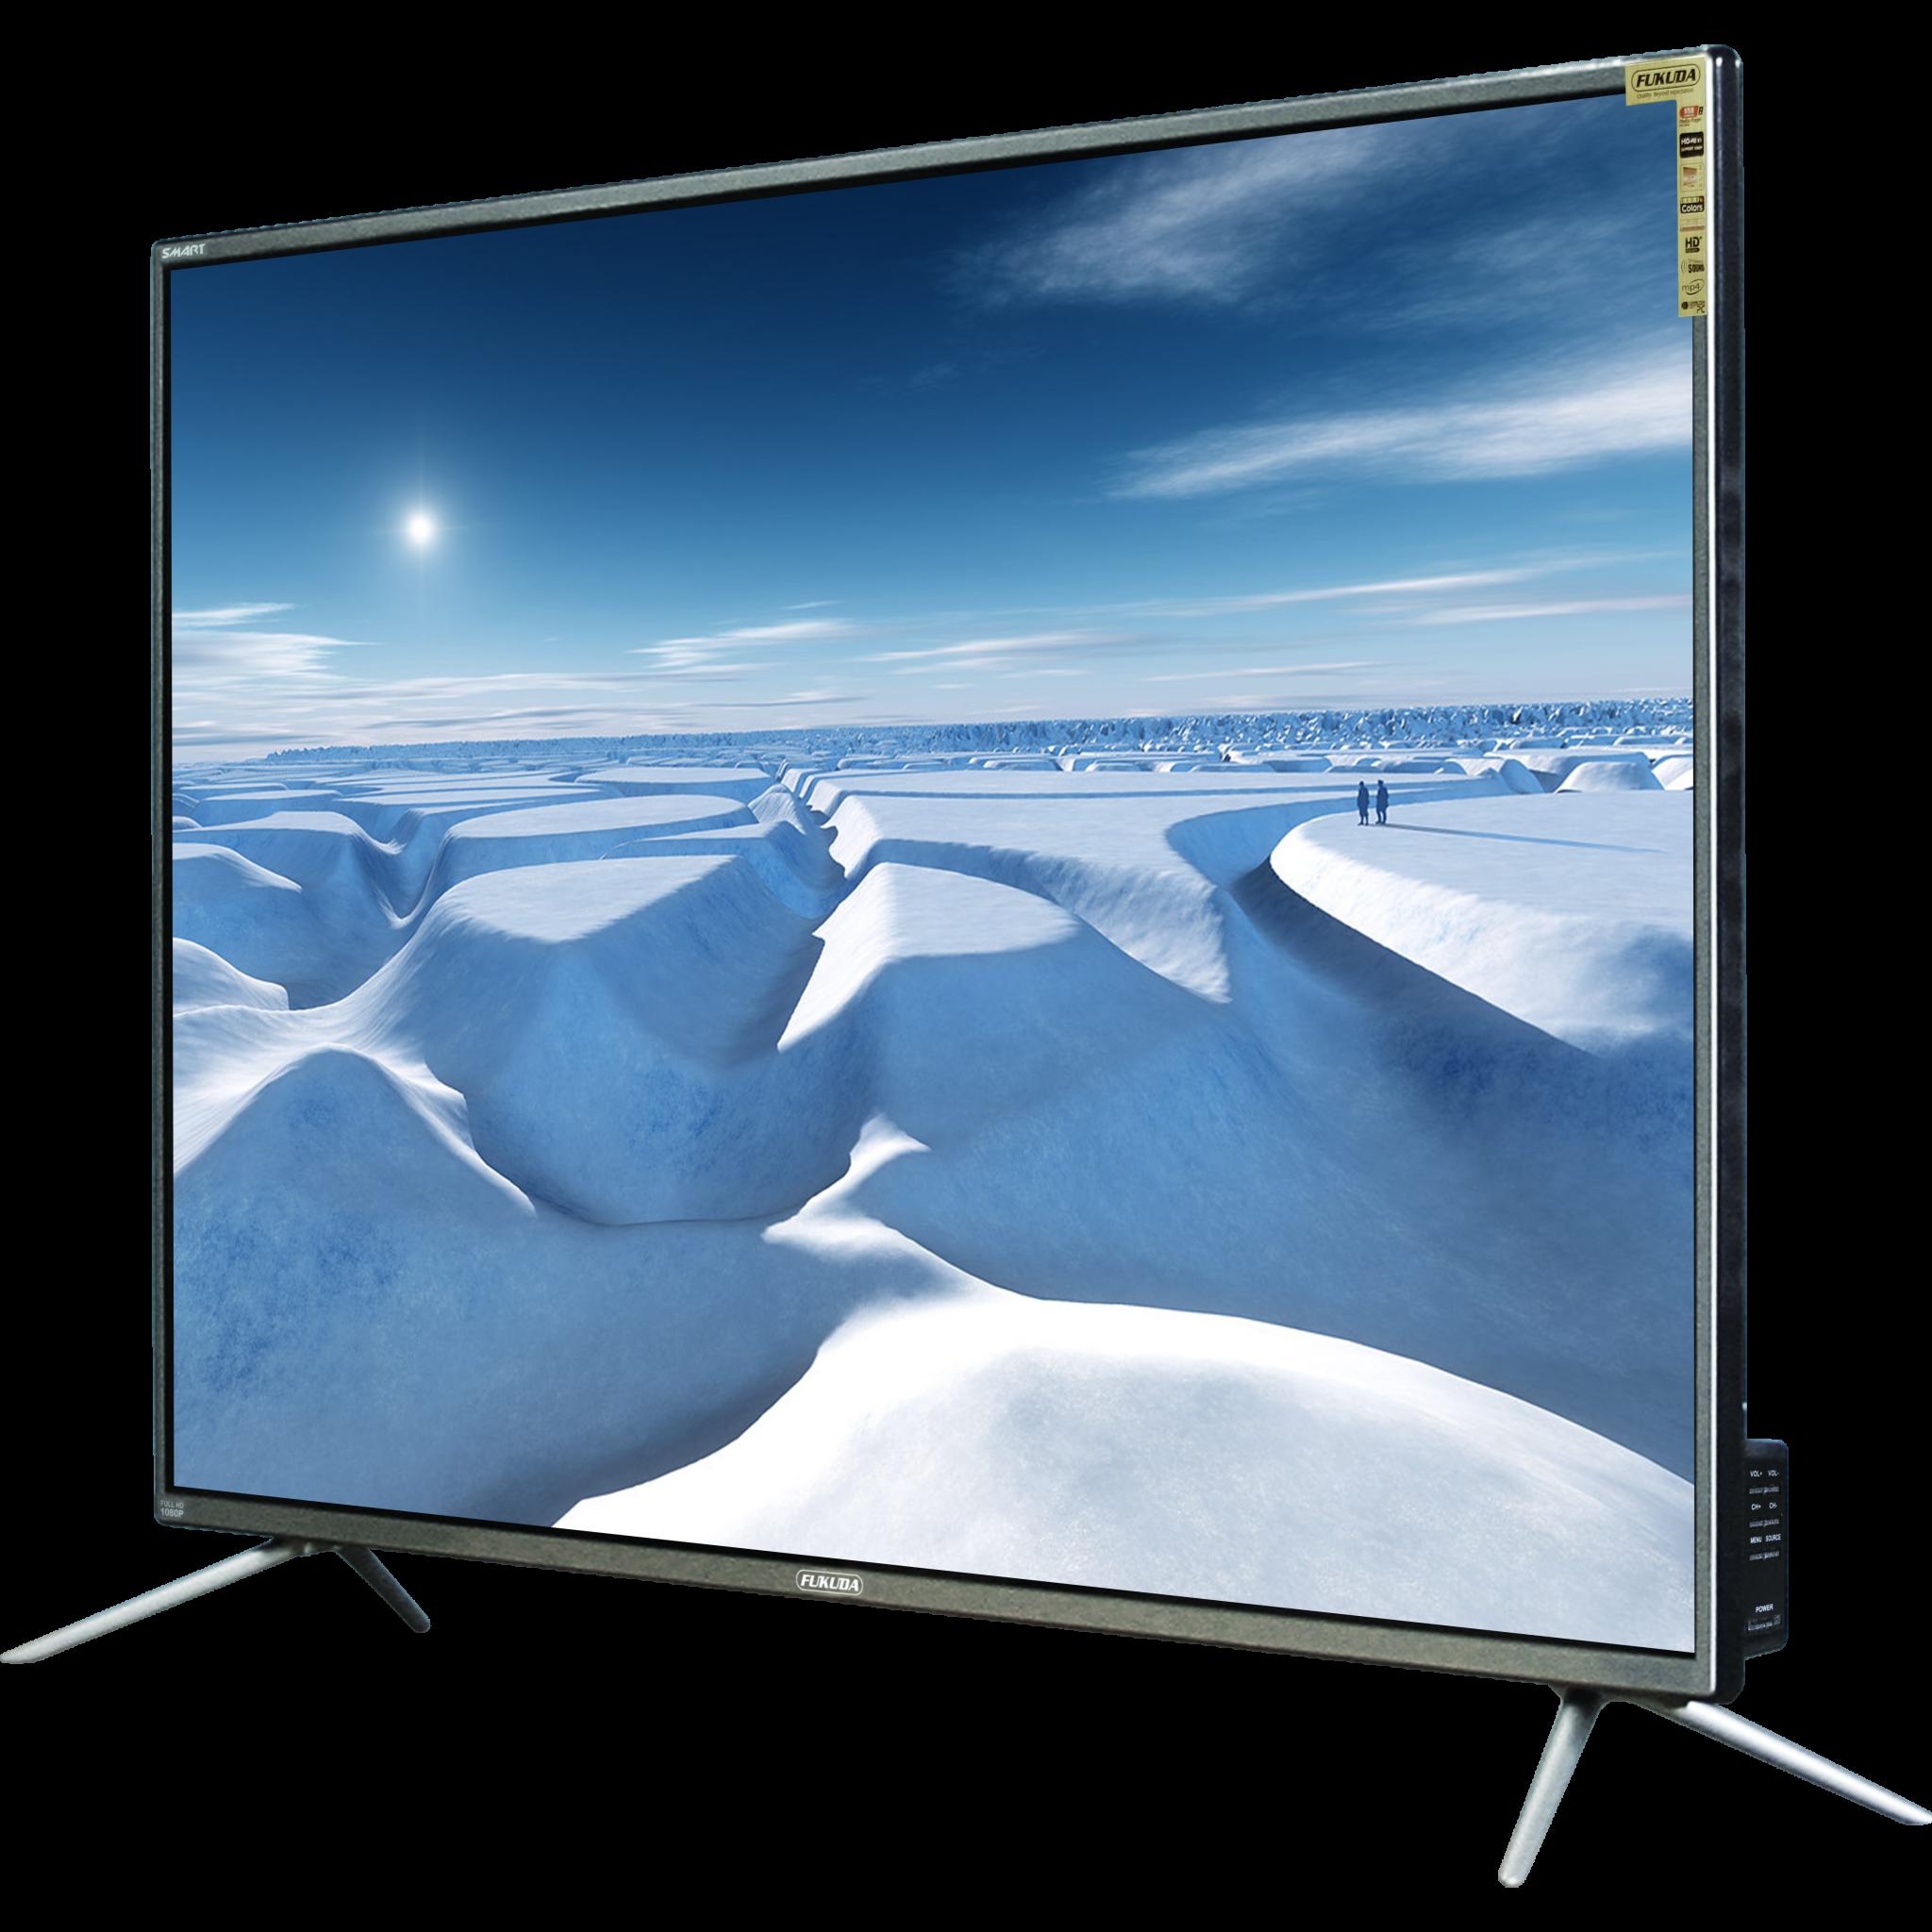 fsmrt55fhd 55 full hd smart led tv home appliances. Black Bedroom Furniture Sets. Home Design Ideas